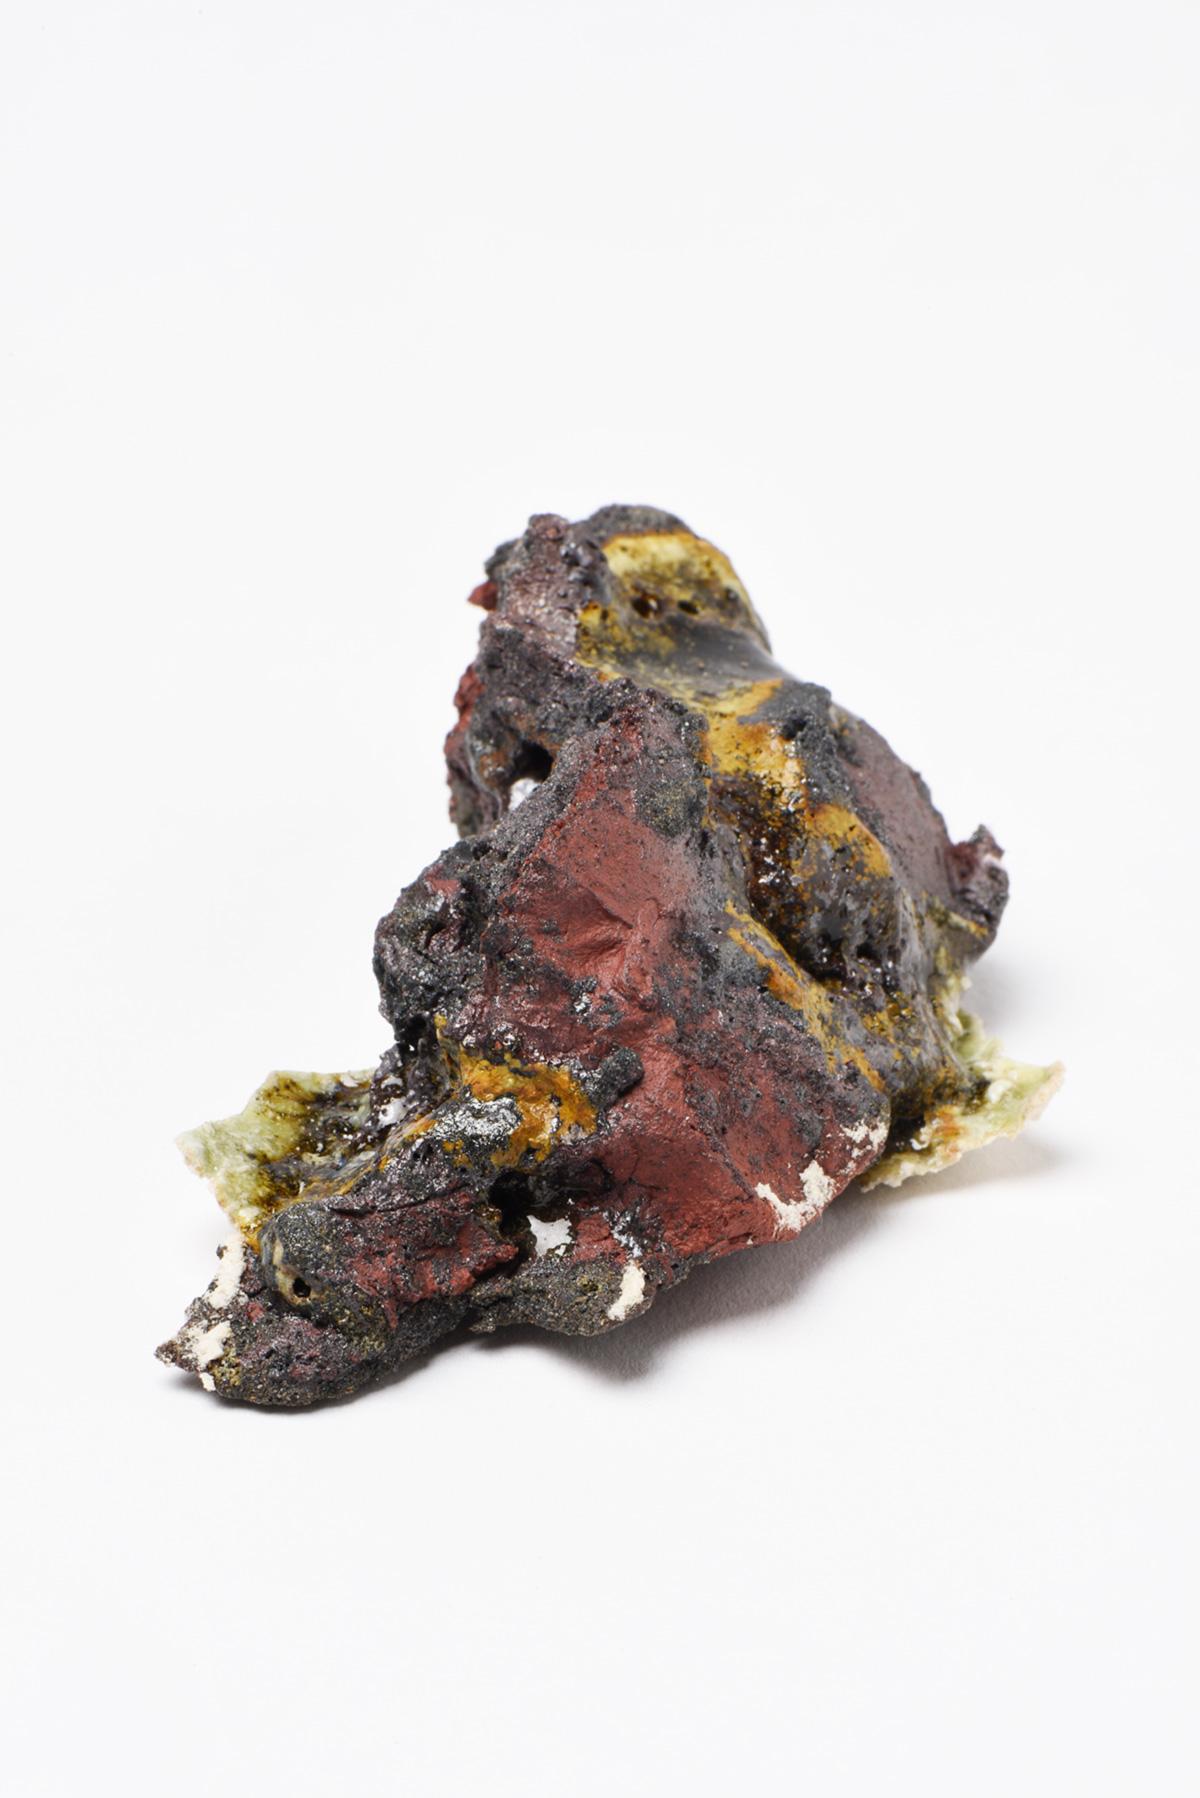 Rocha Vulcânica, ca. 100.000 anos Pós-Antropoceno, 2016. Série <i>Futuro das Pedras</i>, terra com resíduos materiais coletados após a catástrofe em Bento Rodrigues, 3 x 7,5 x 4 cm